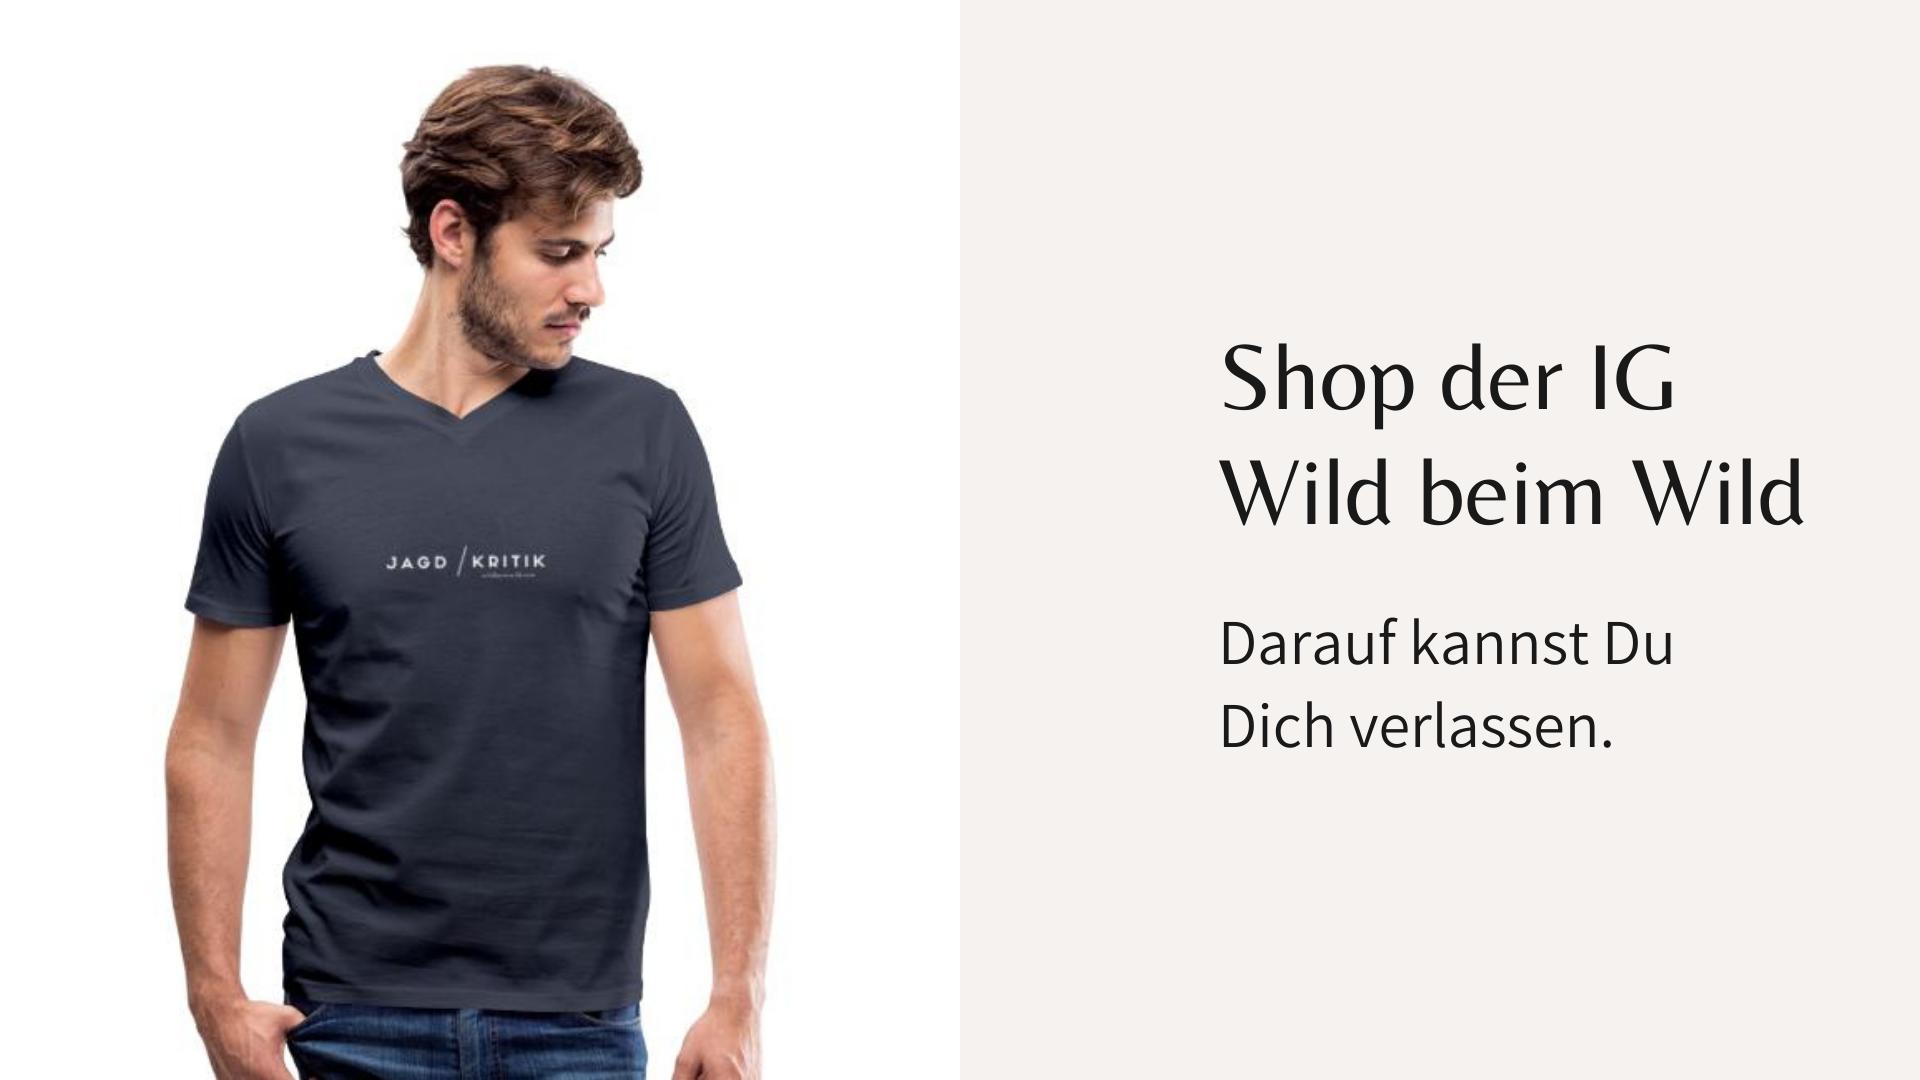 Shop der IG Wild beim Wild